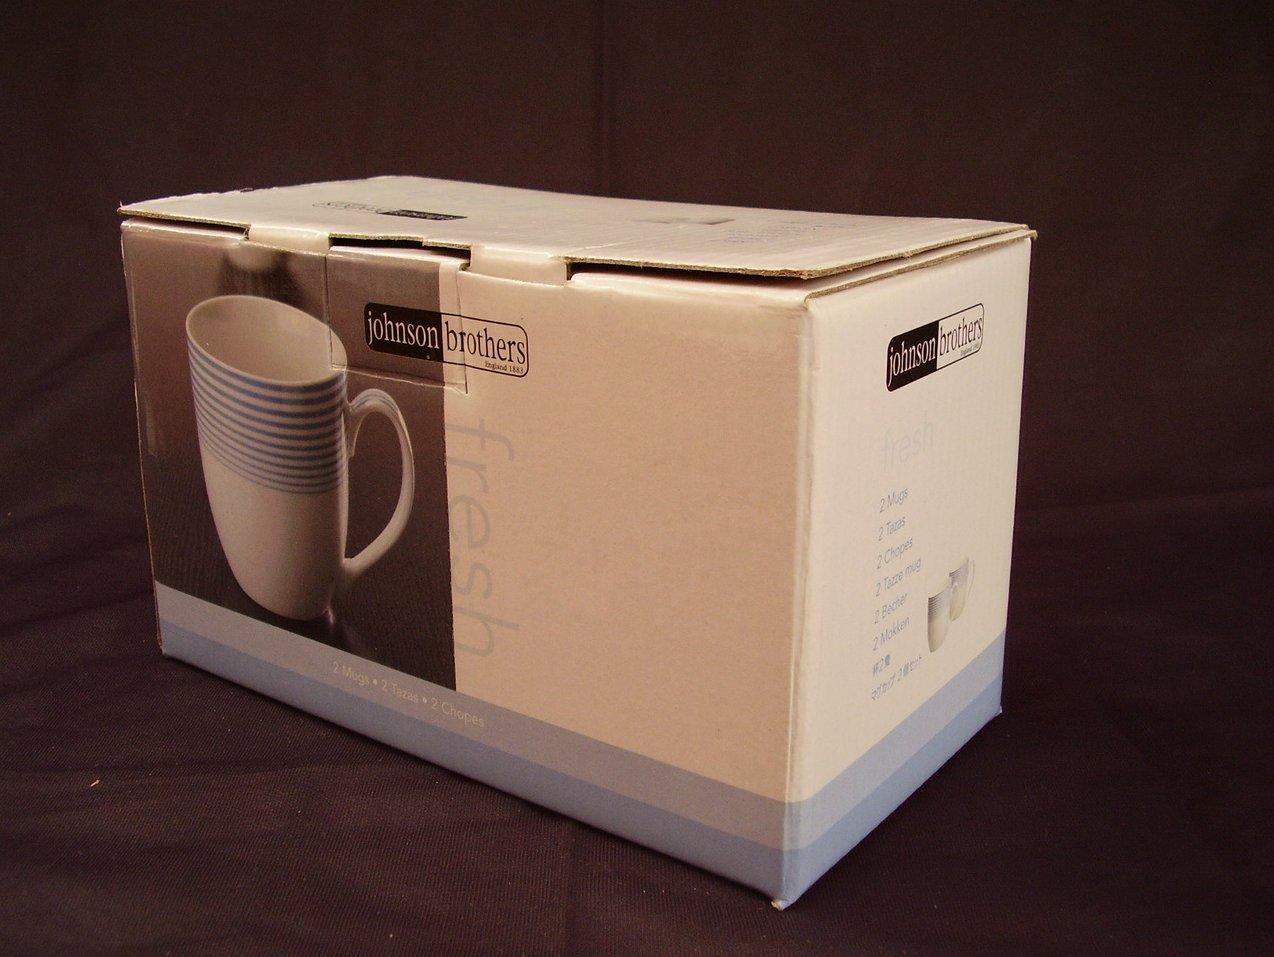 Johnson Bros Coffee Mugs